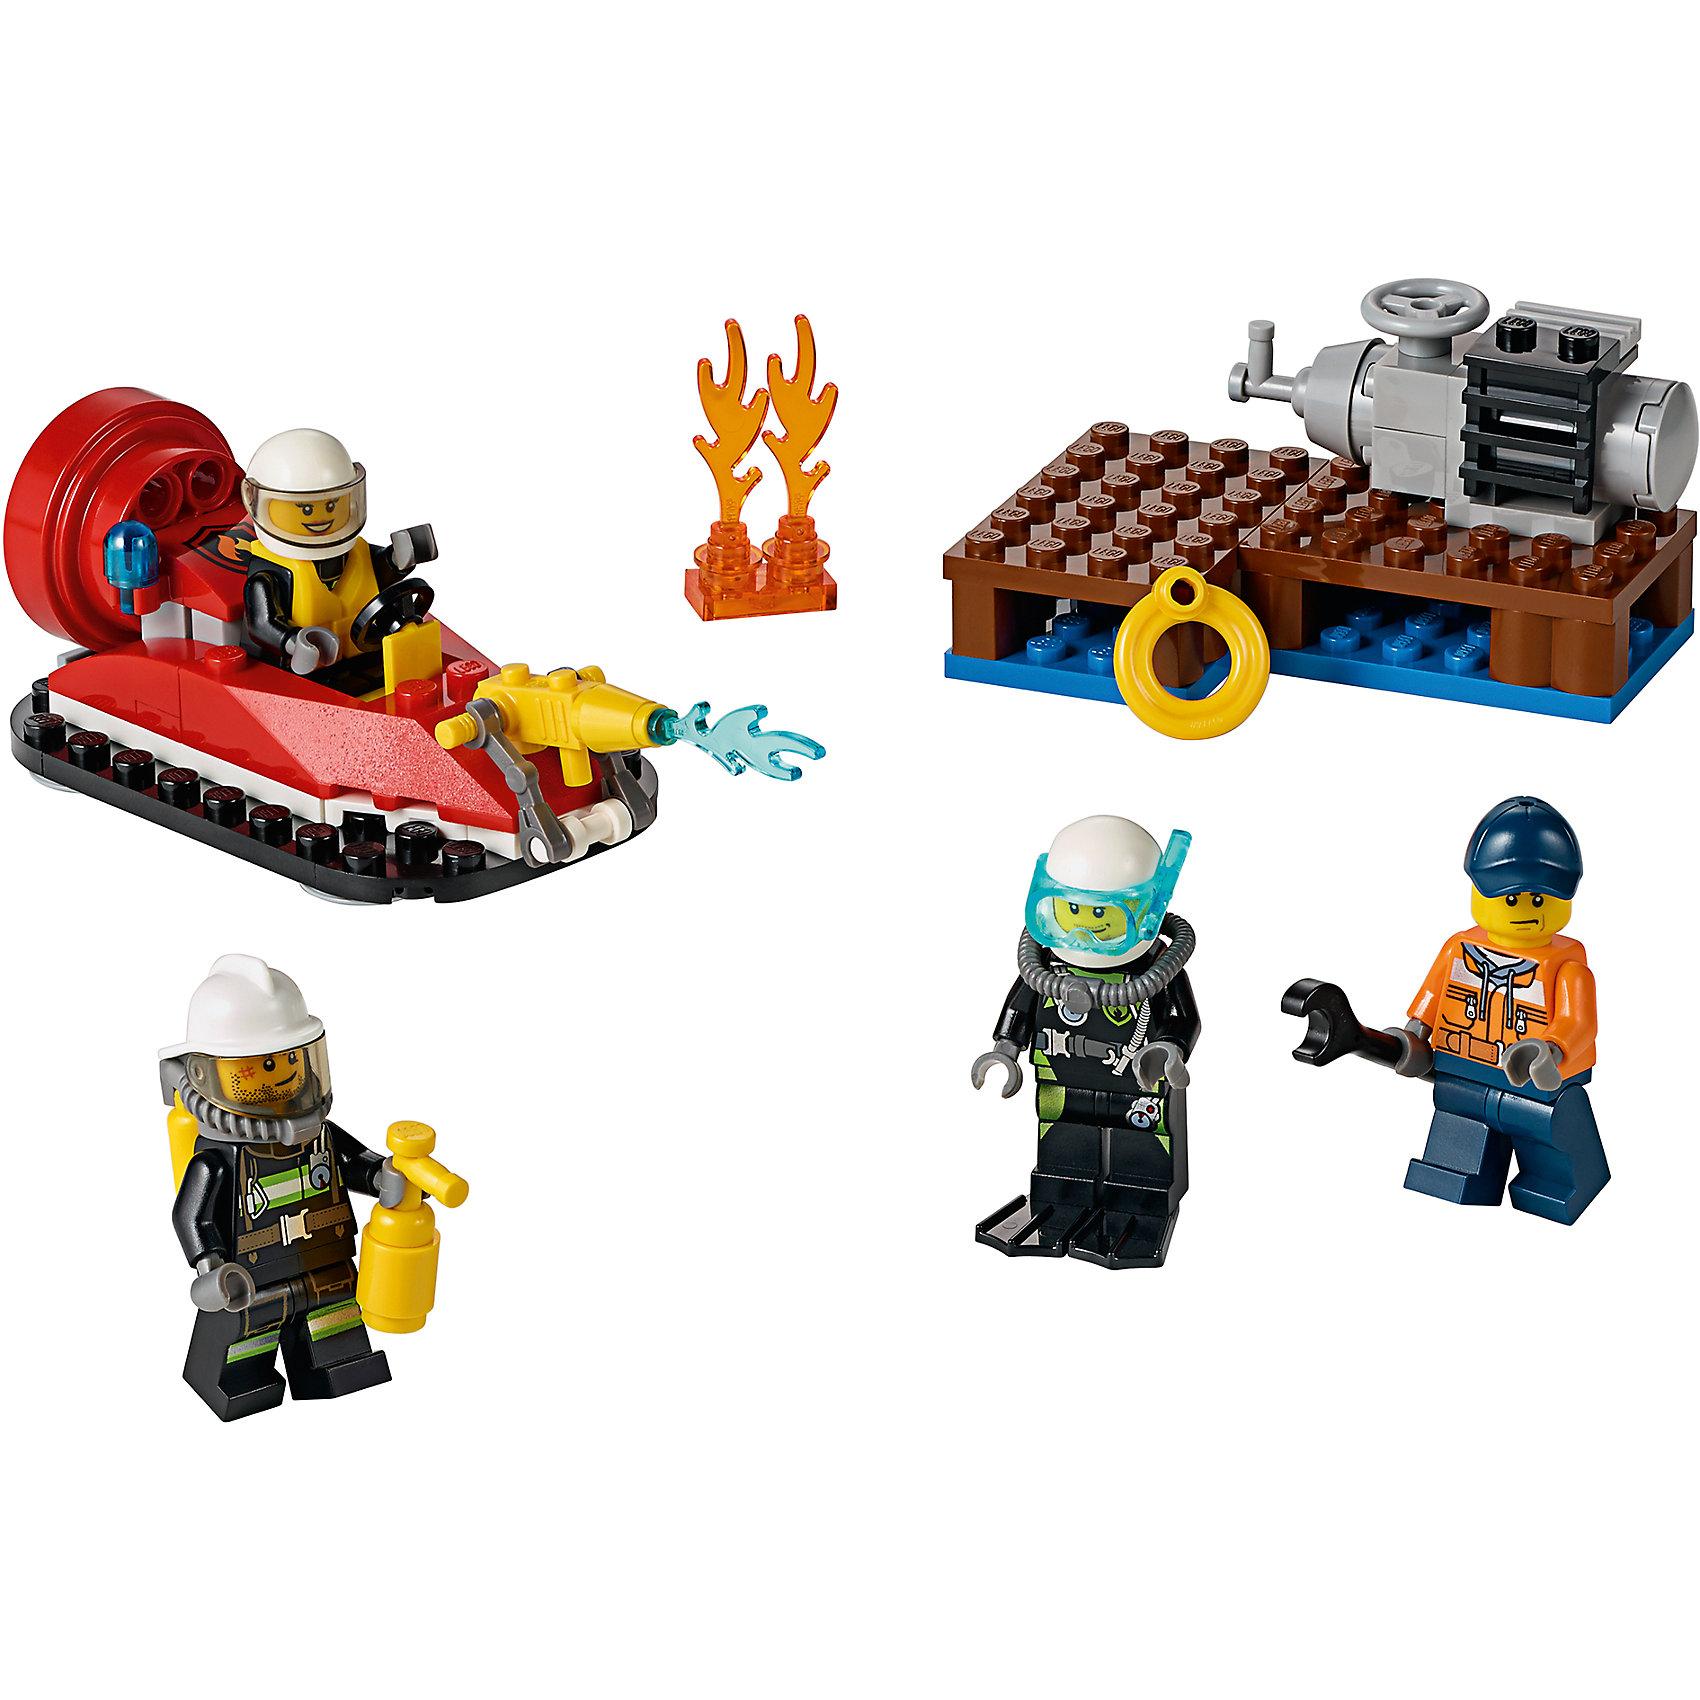 LEGO City 60106: ����� ��� ���������� ��������� ������